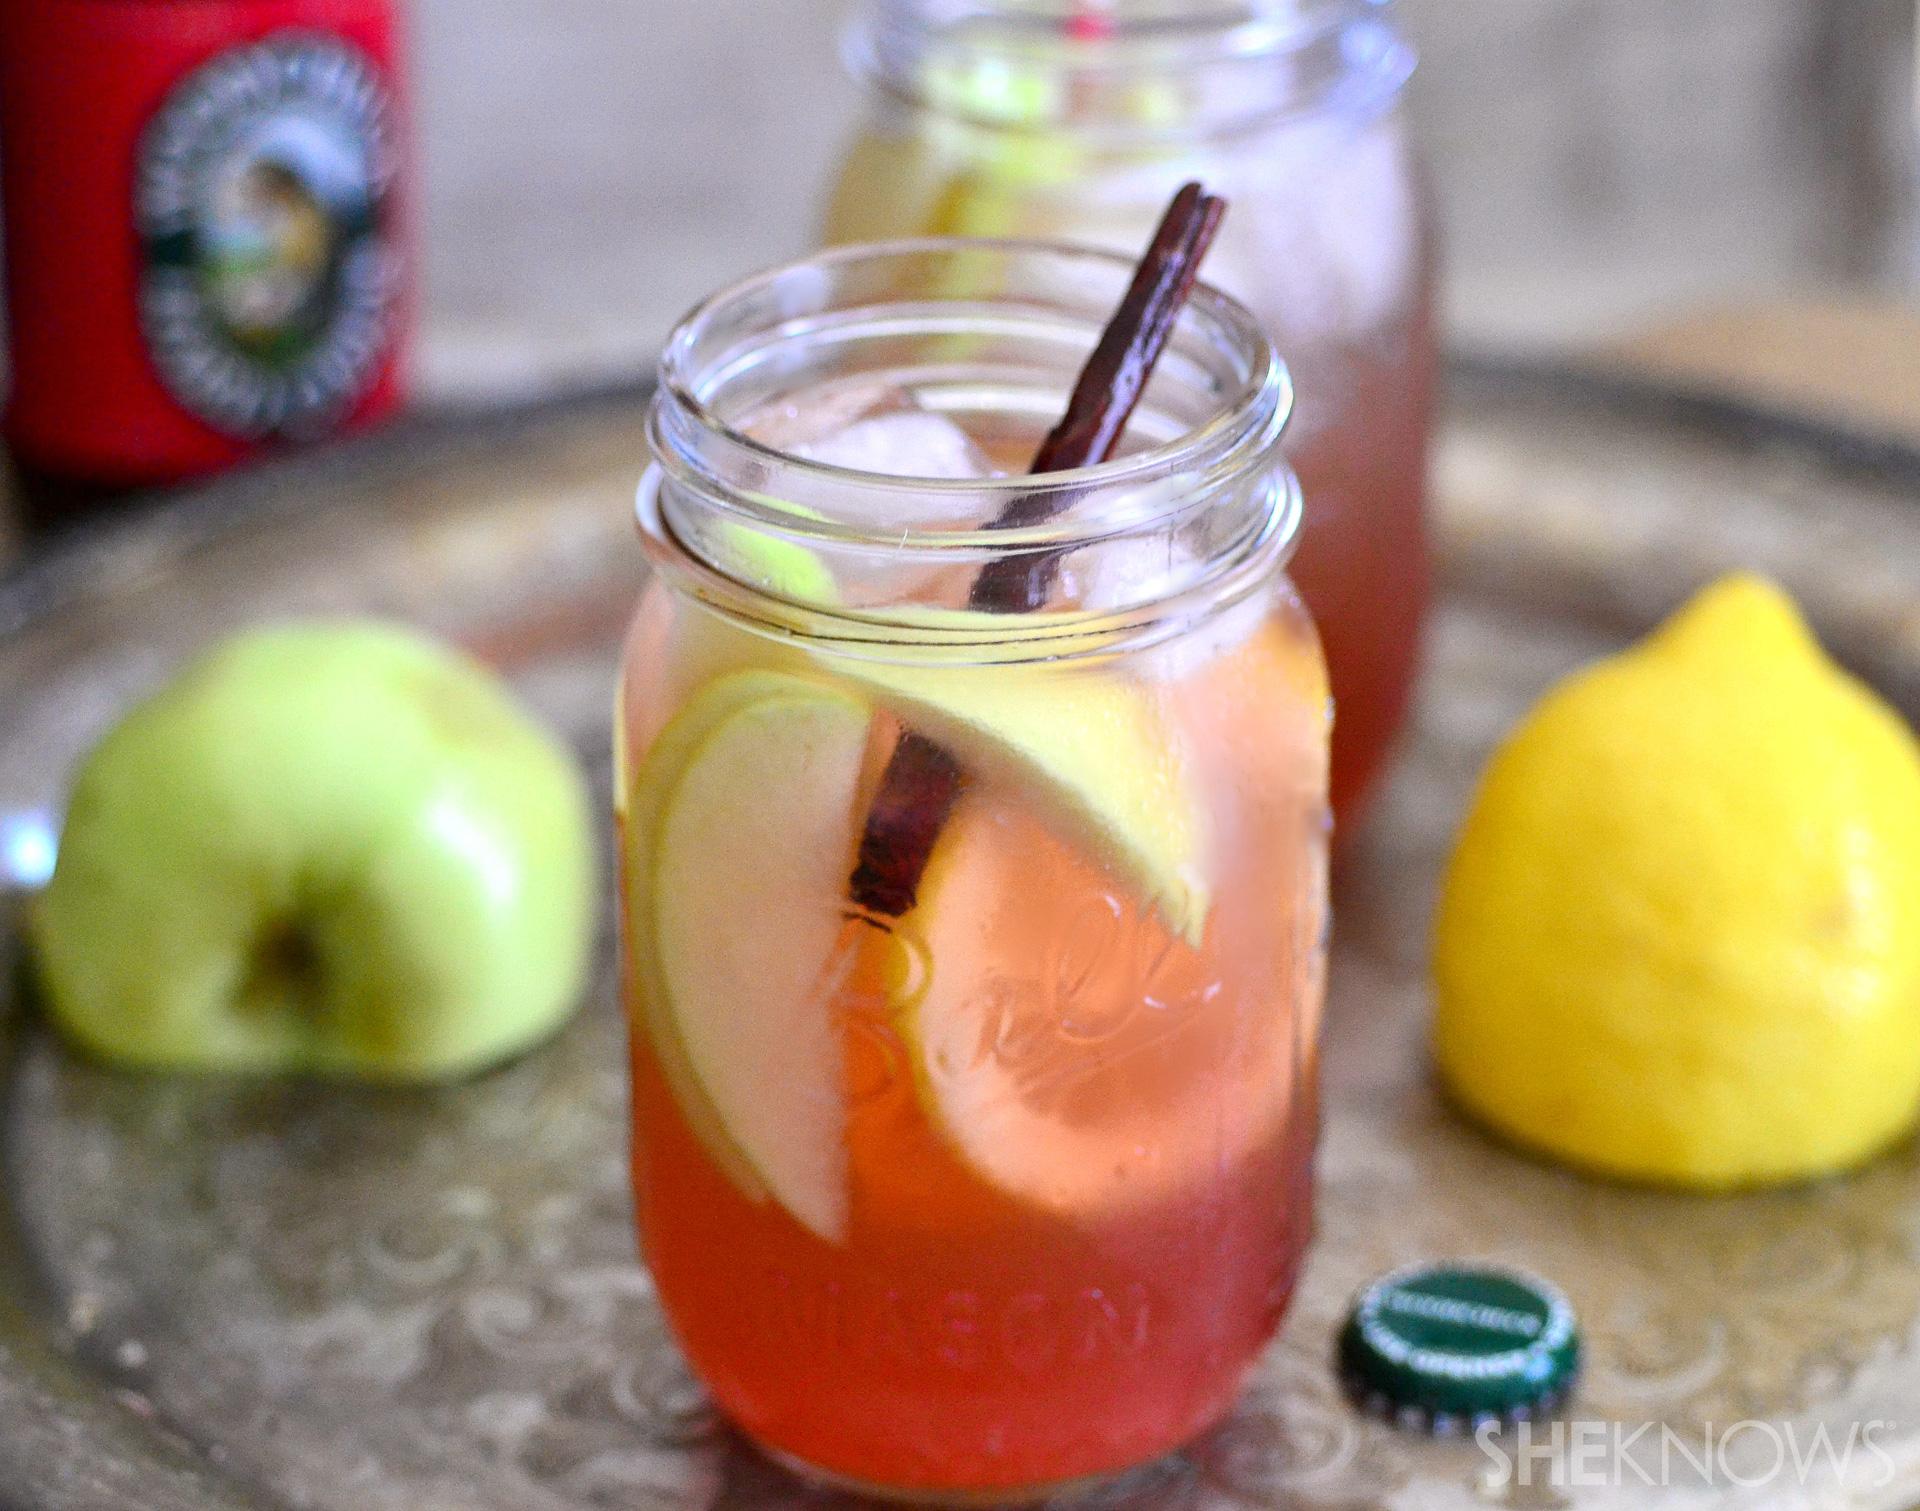 Hard cider Jack cocktails